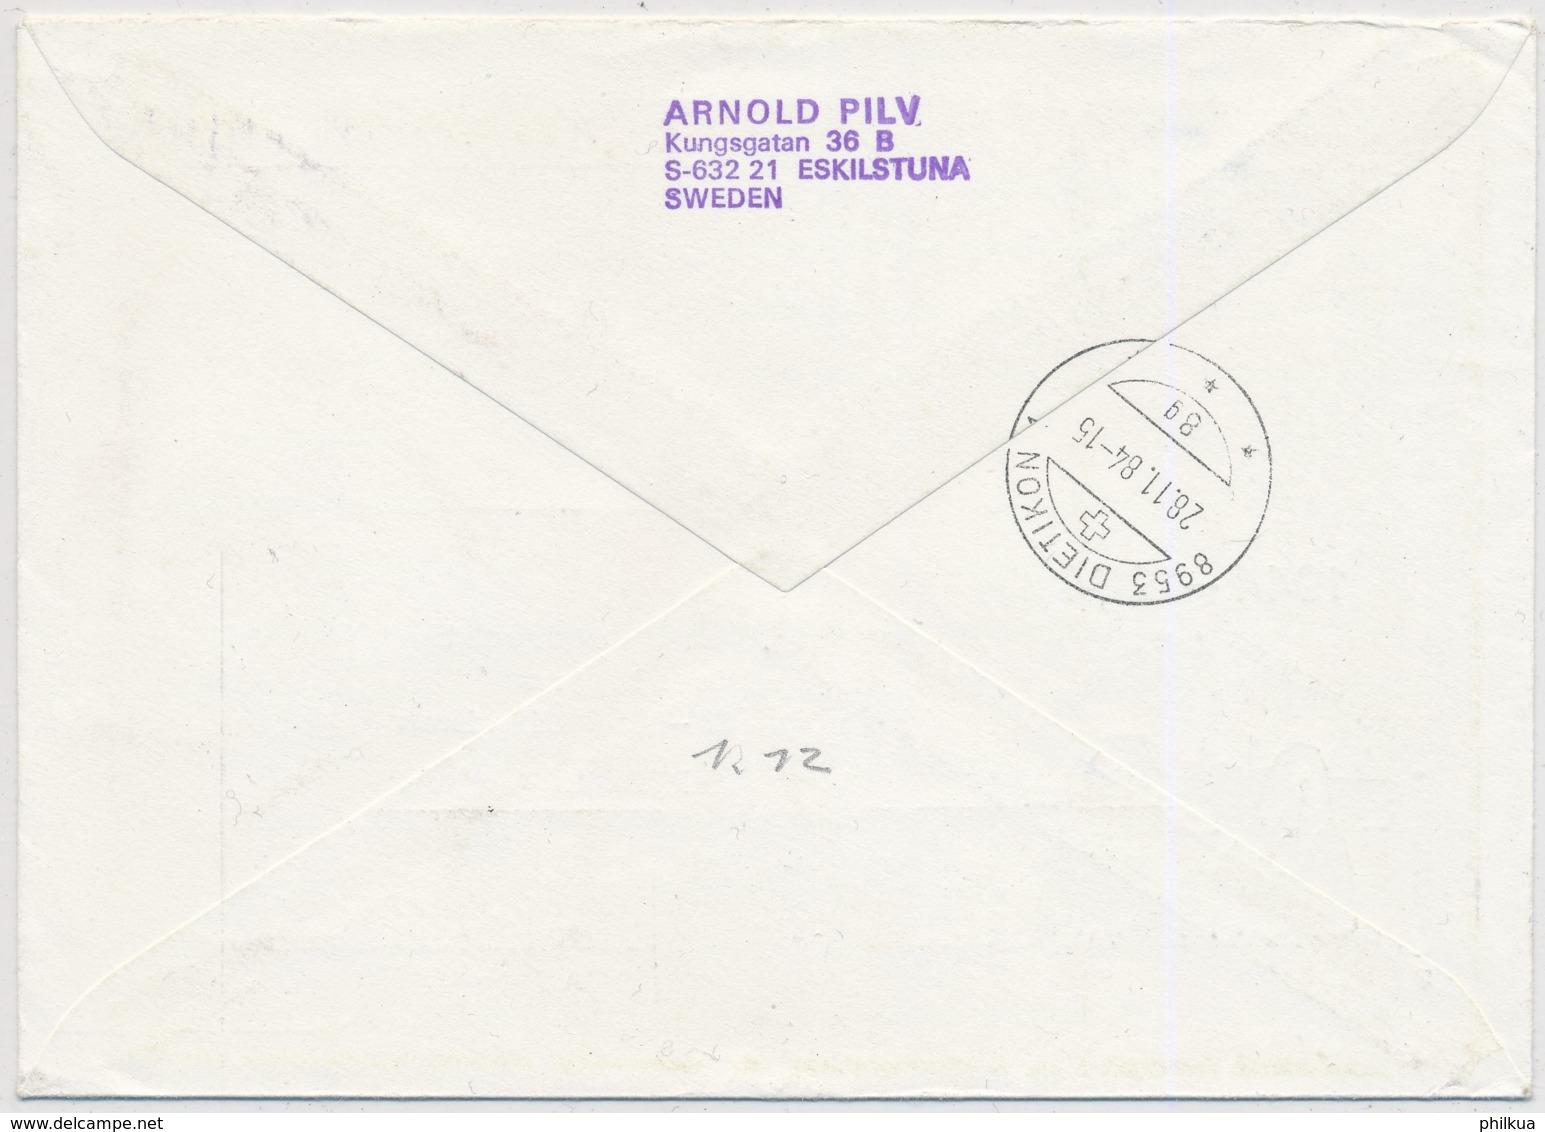 Europa 1984 - Schweden - Luftpostbrief Gelaufen Skilstuna - Dietikon - 1984